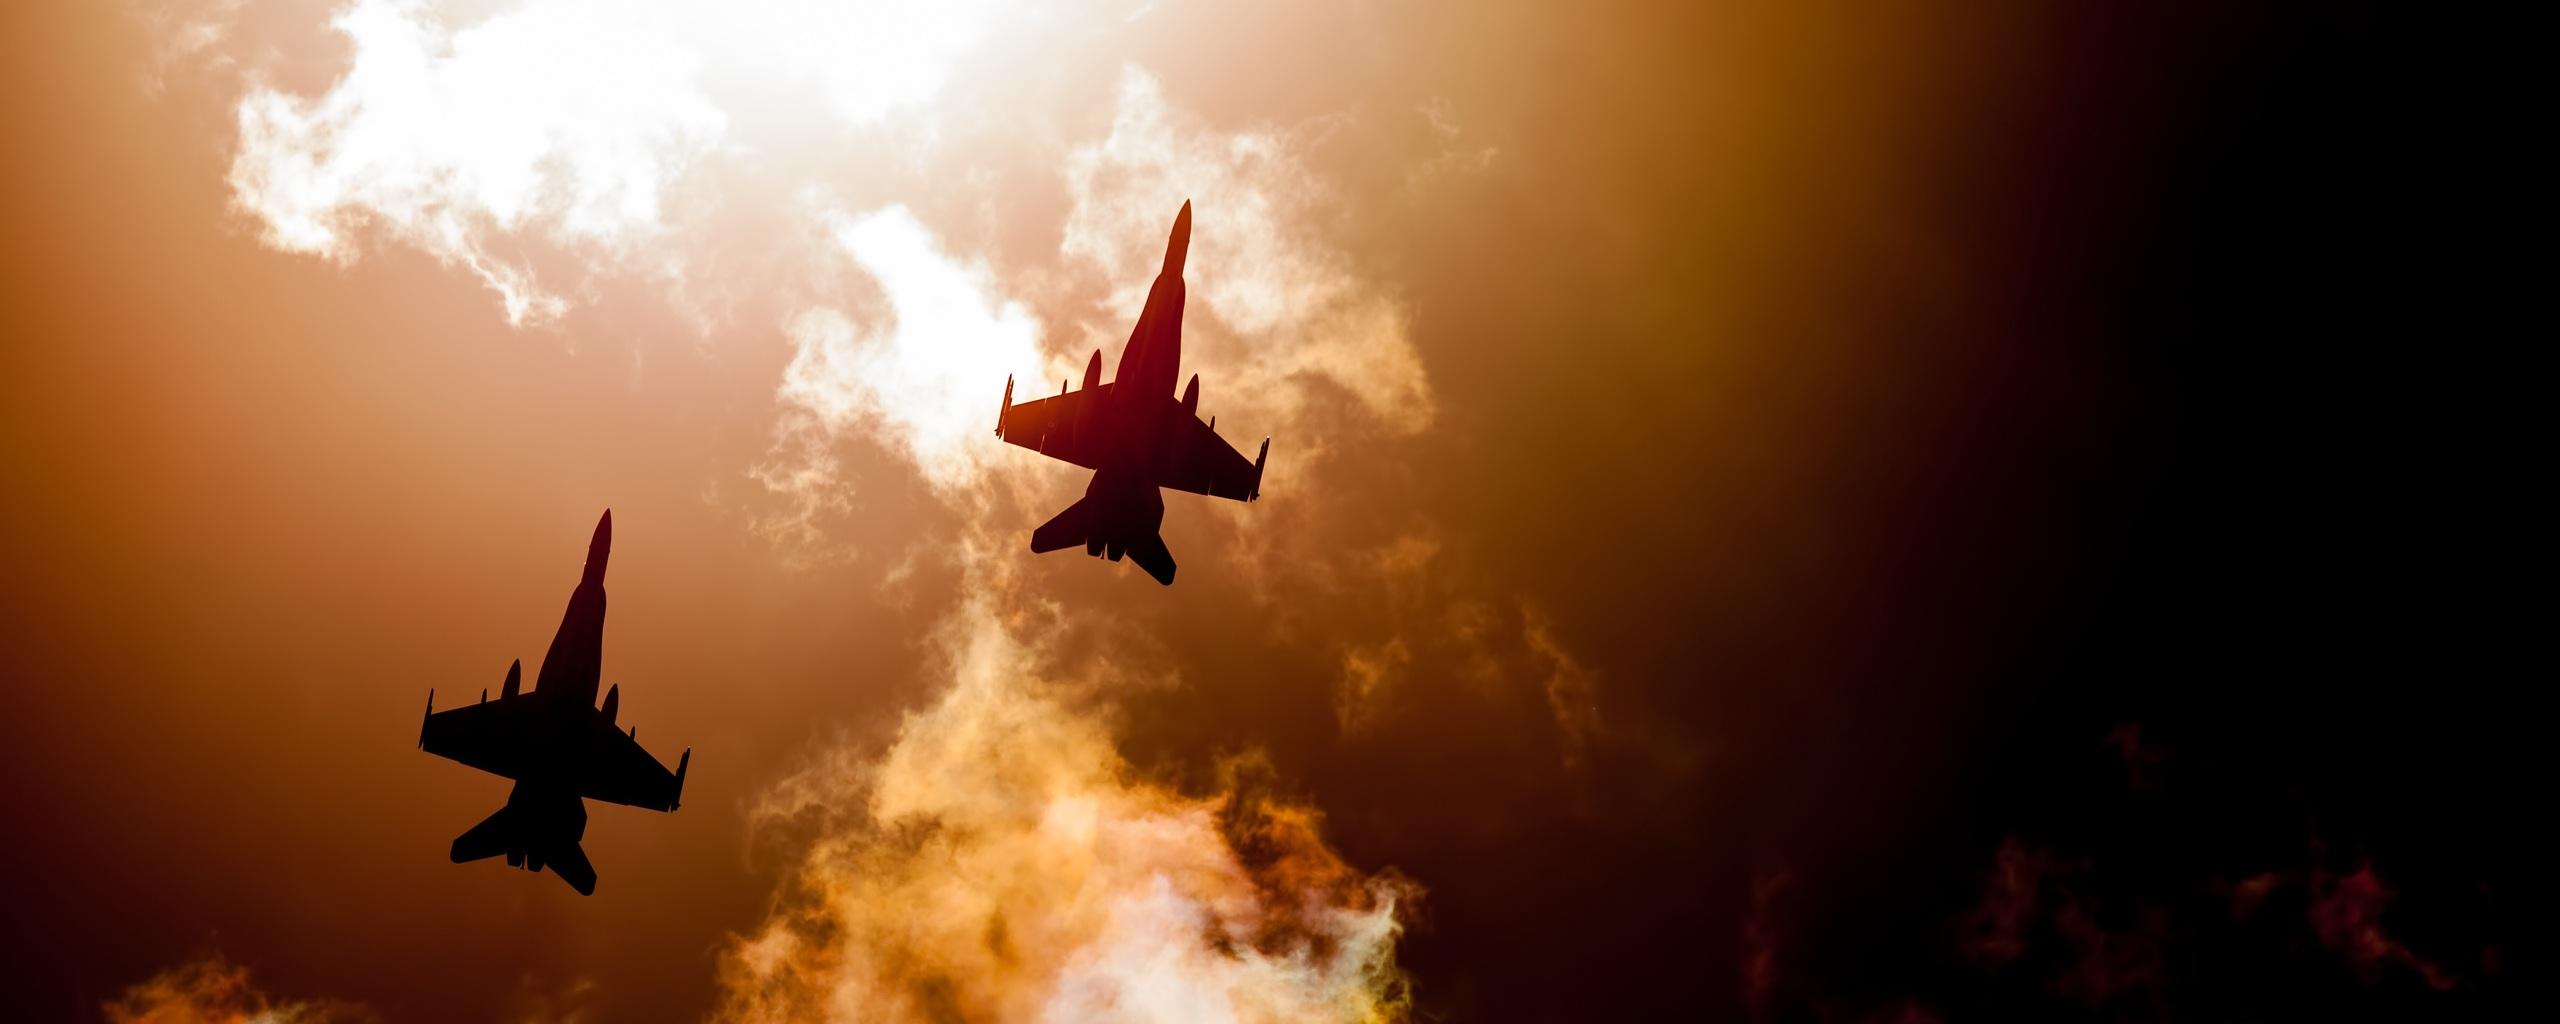 jet-fighters-ye.jpg